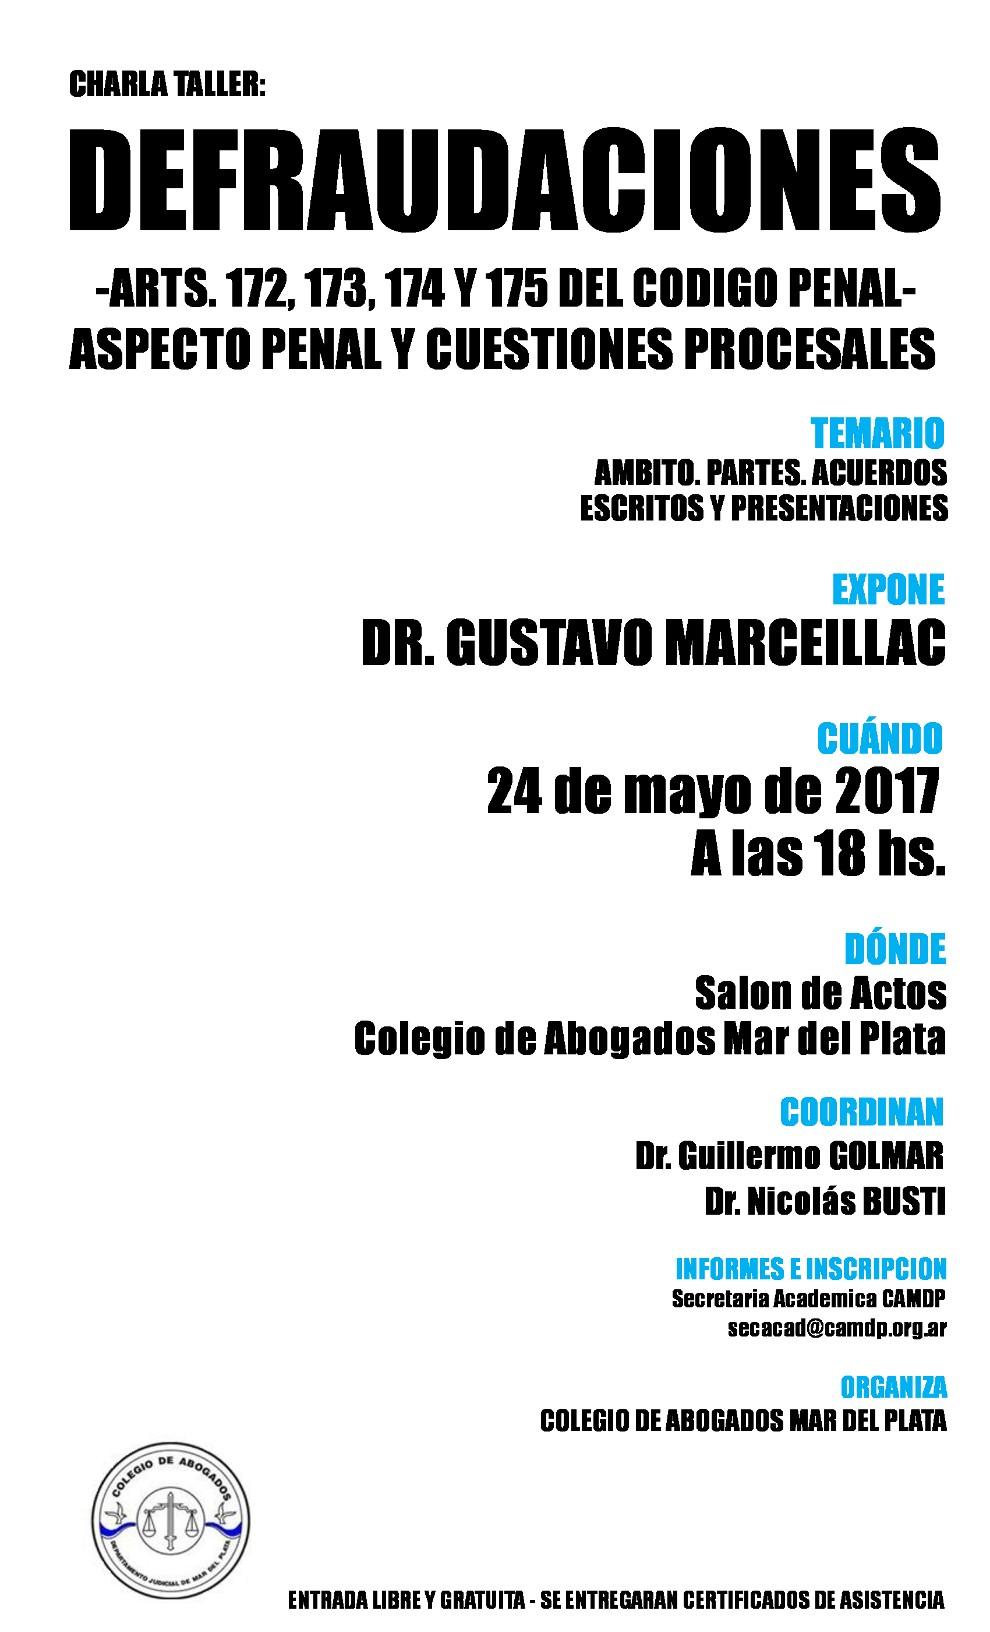 AFICHE-CHARLA-penal-24-5-17